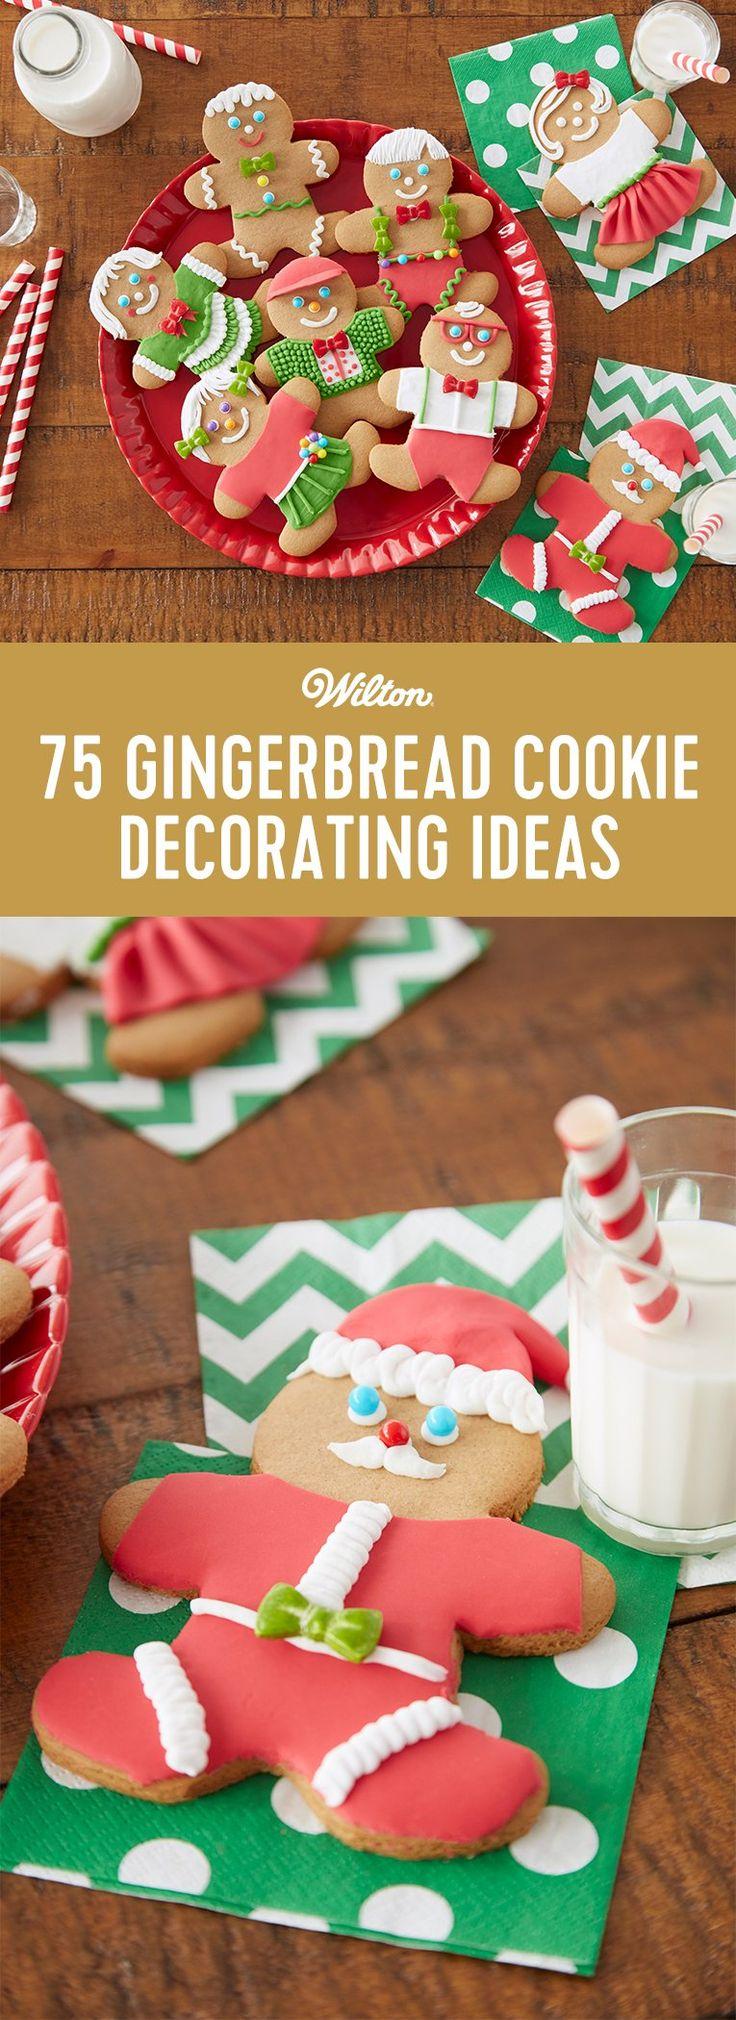 75 ideas de cómo decorar una galleta de jengibre.